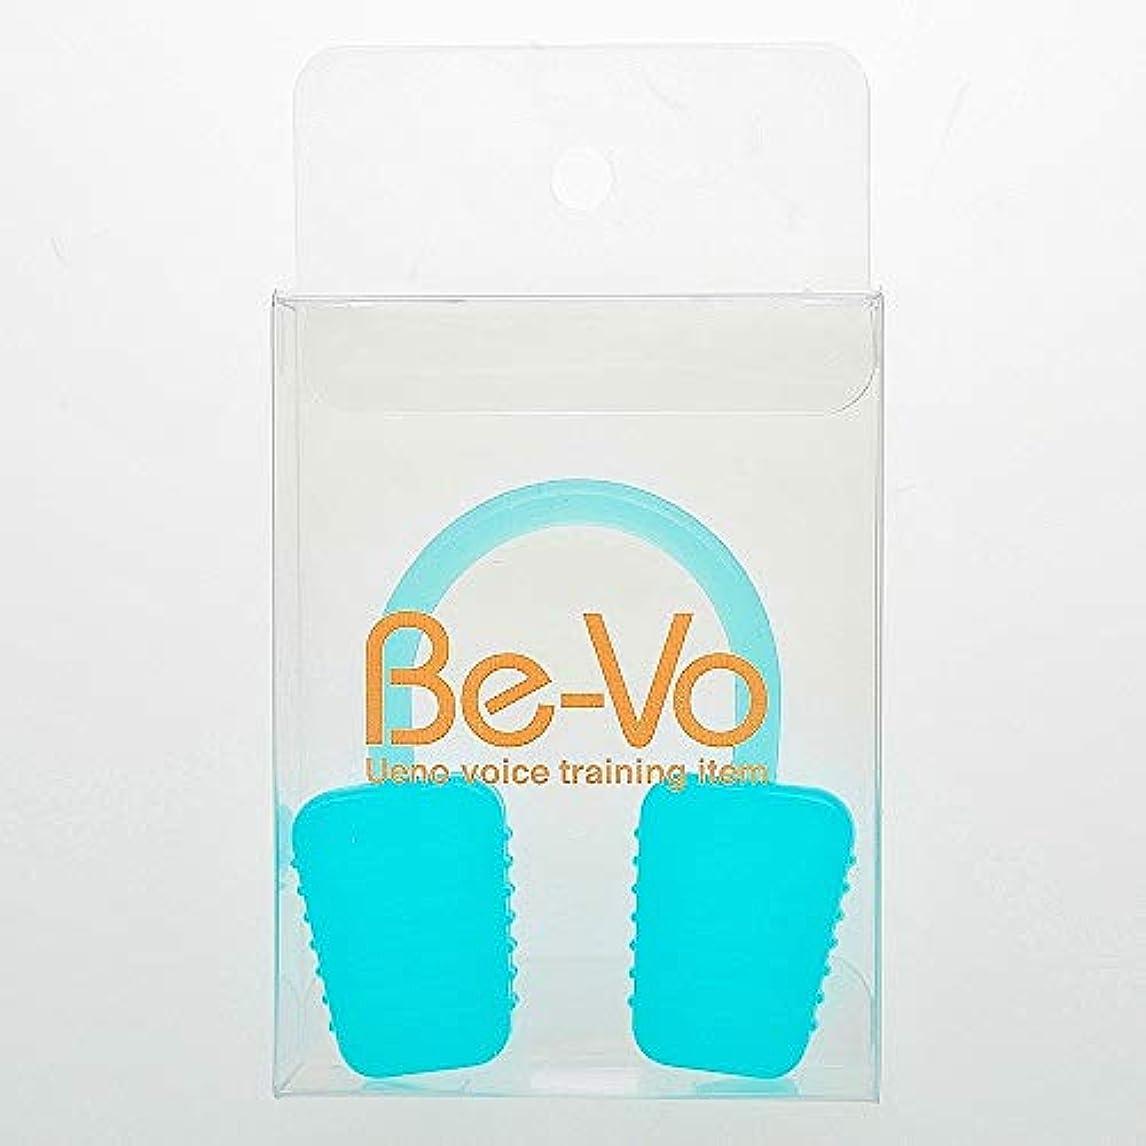 楽な開梱こするBe-Vo (ビーボ) ボイストレーニング器具 自宅で簡単ボイトレグッズ (ブルー)